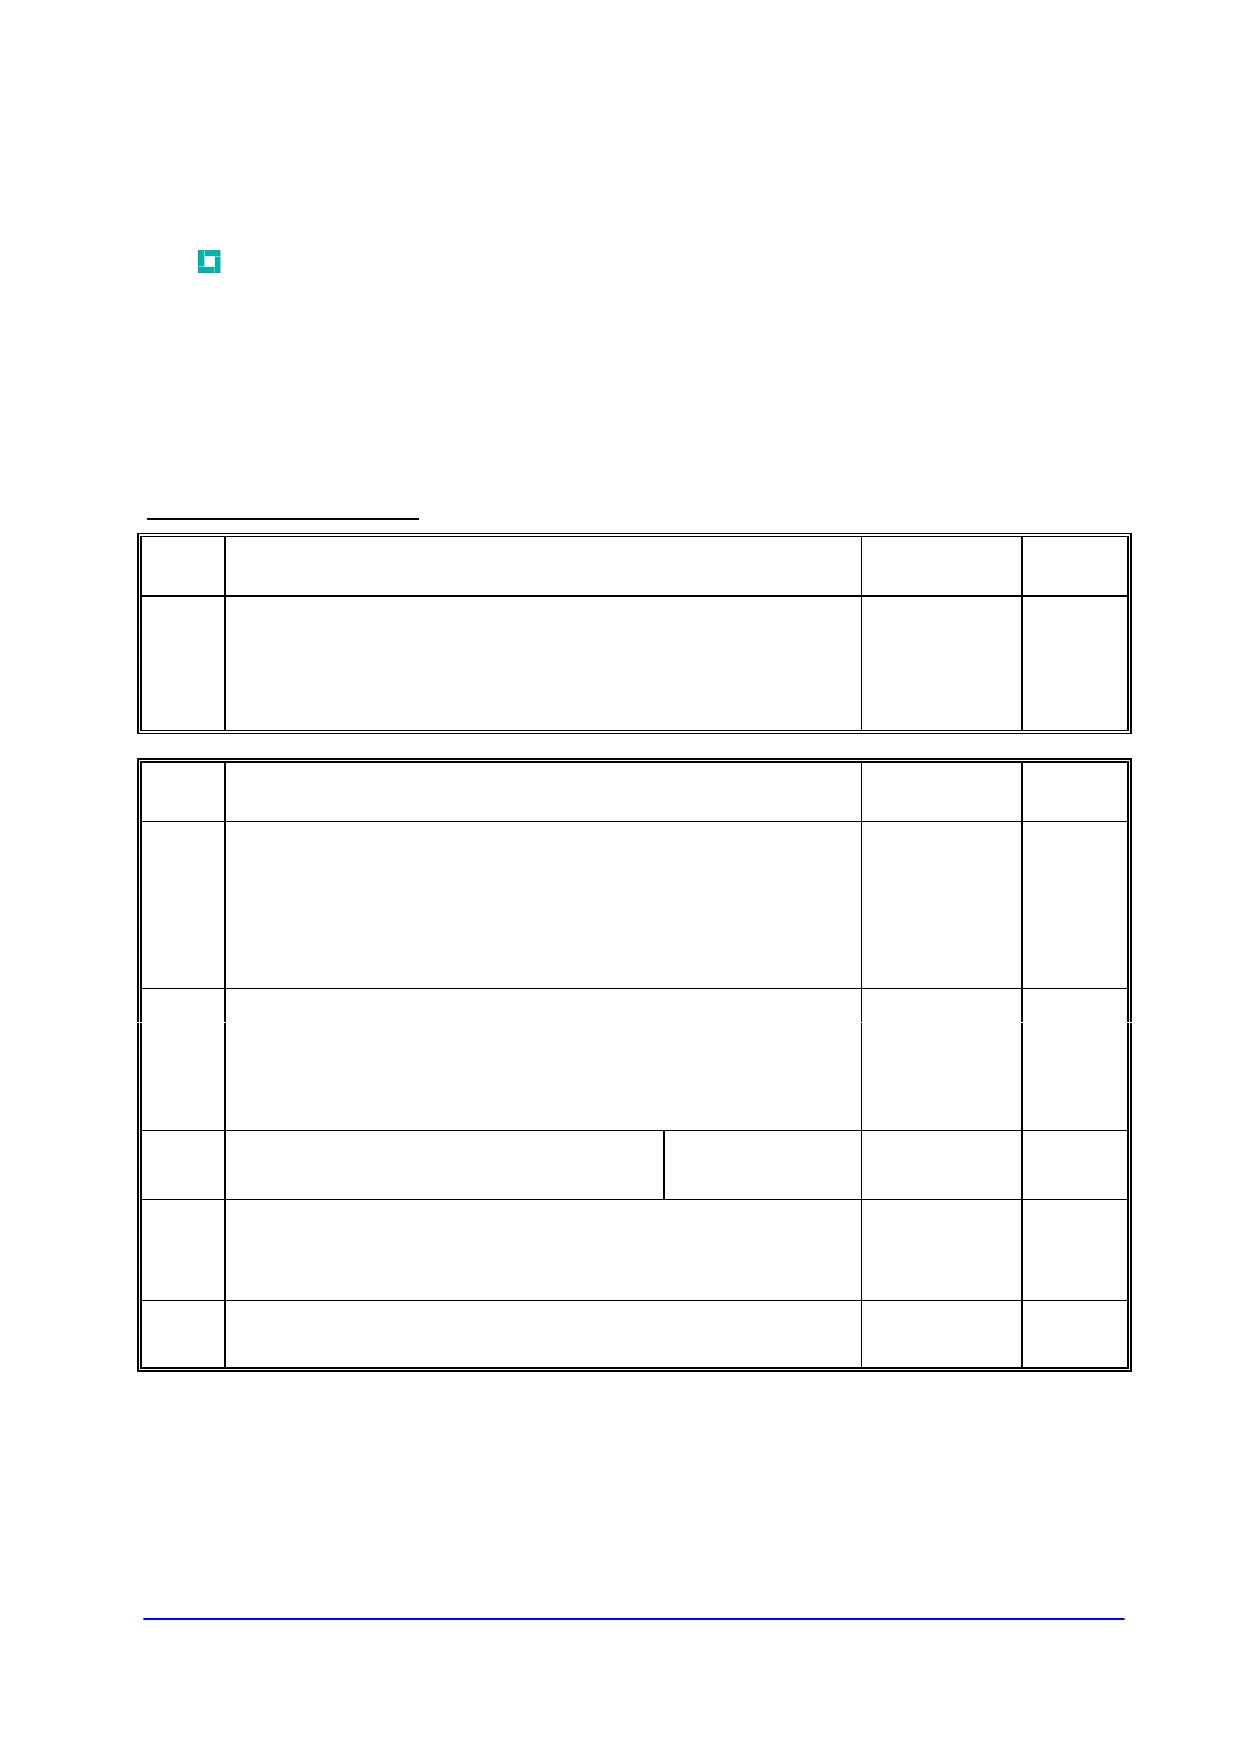 K0443LG600 datasheet